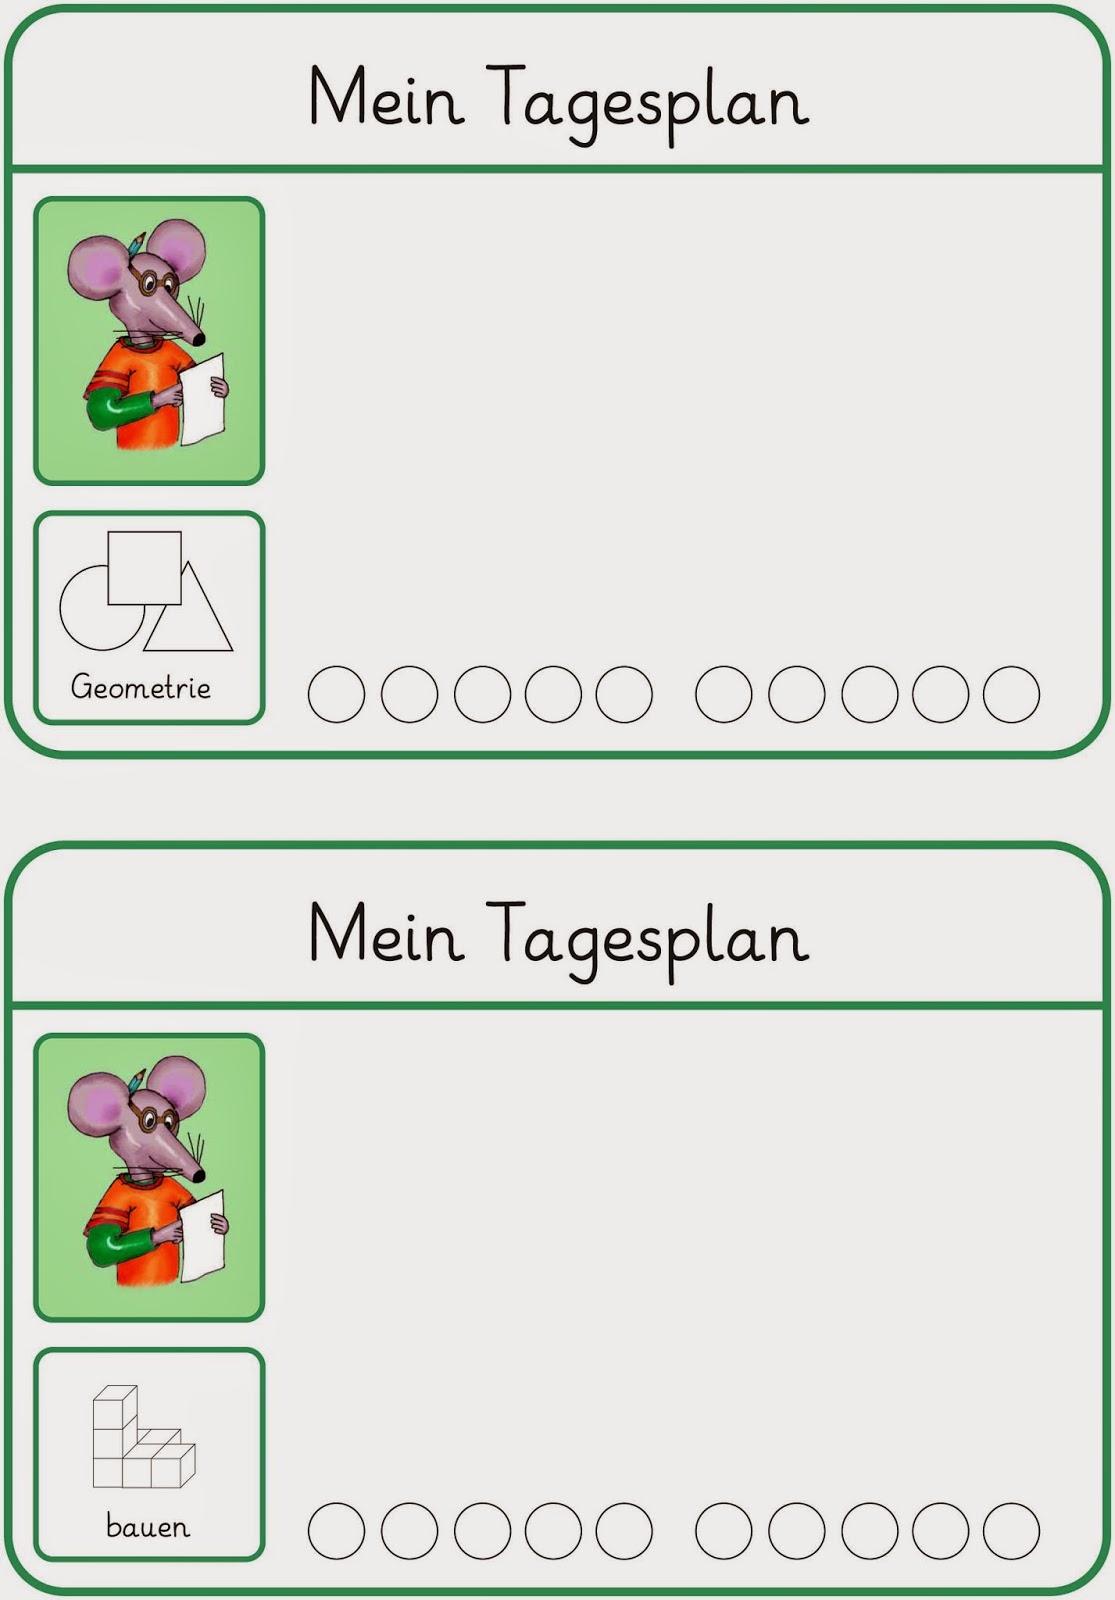 Schön Baby Tagesplan Vorlage Fotos - Entry Level Resume Vorlagen ...